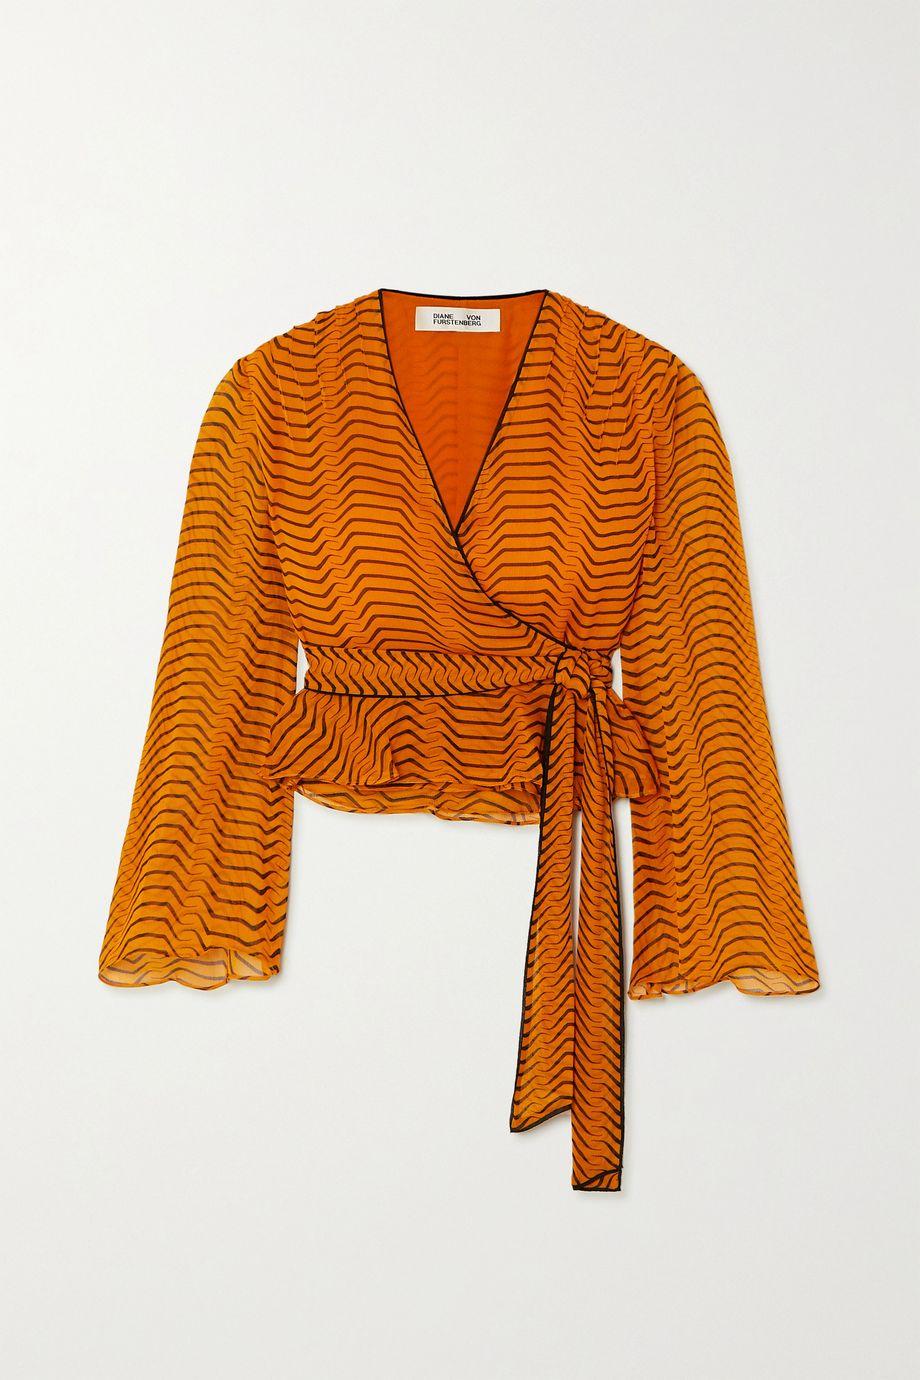 Diane von Furstenberg Julietta printed silk-chiffon wrap top